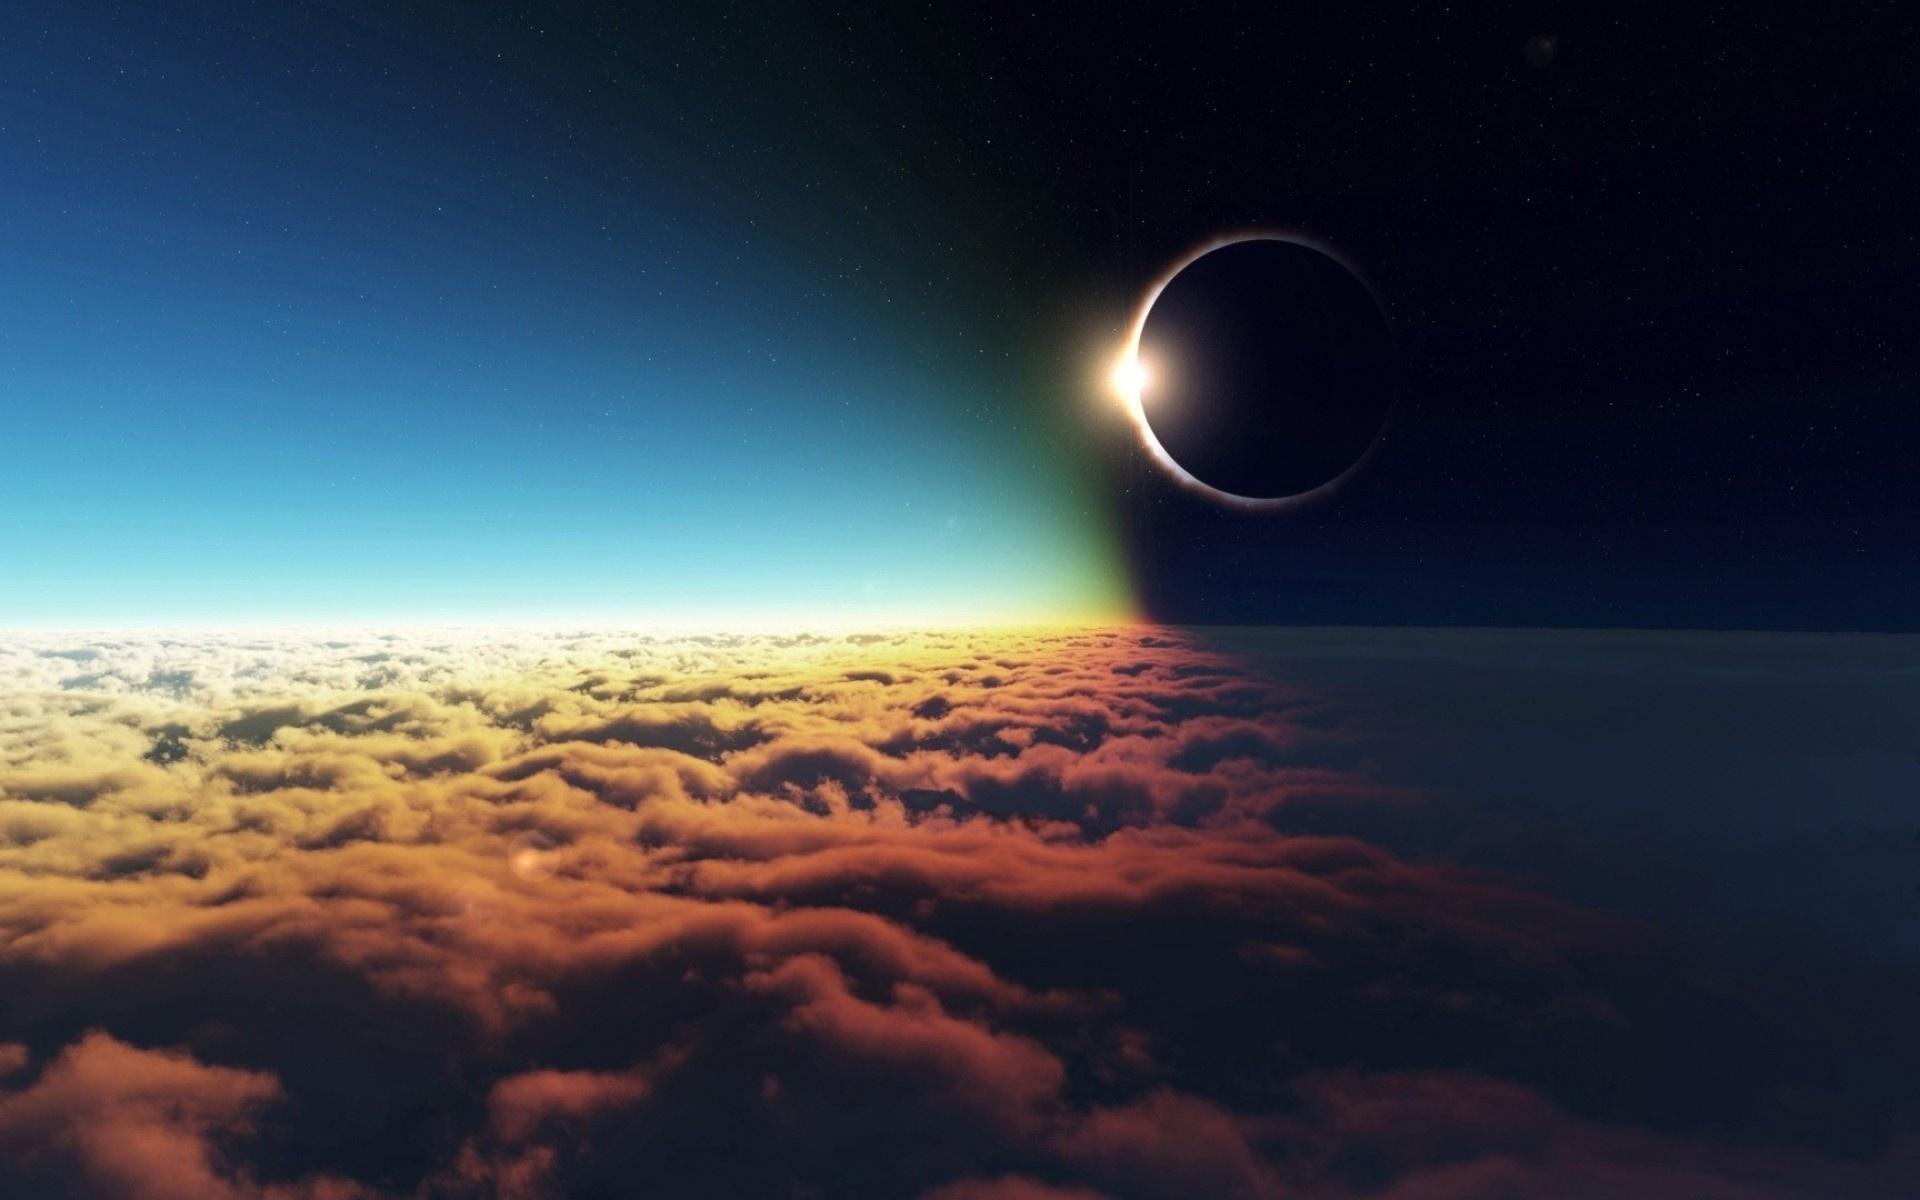 планеты, солнце, затмение